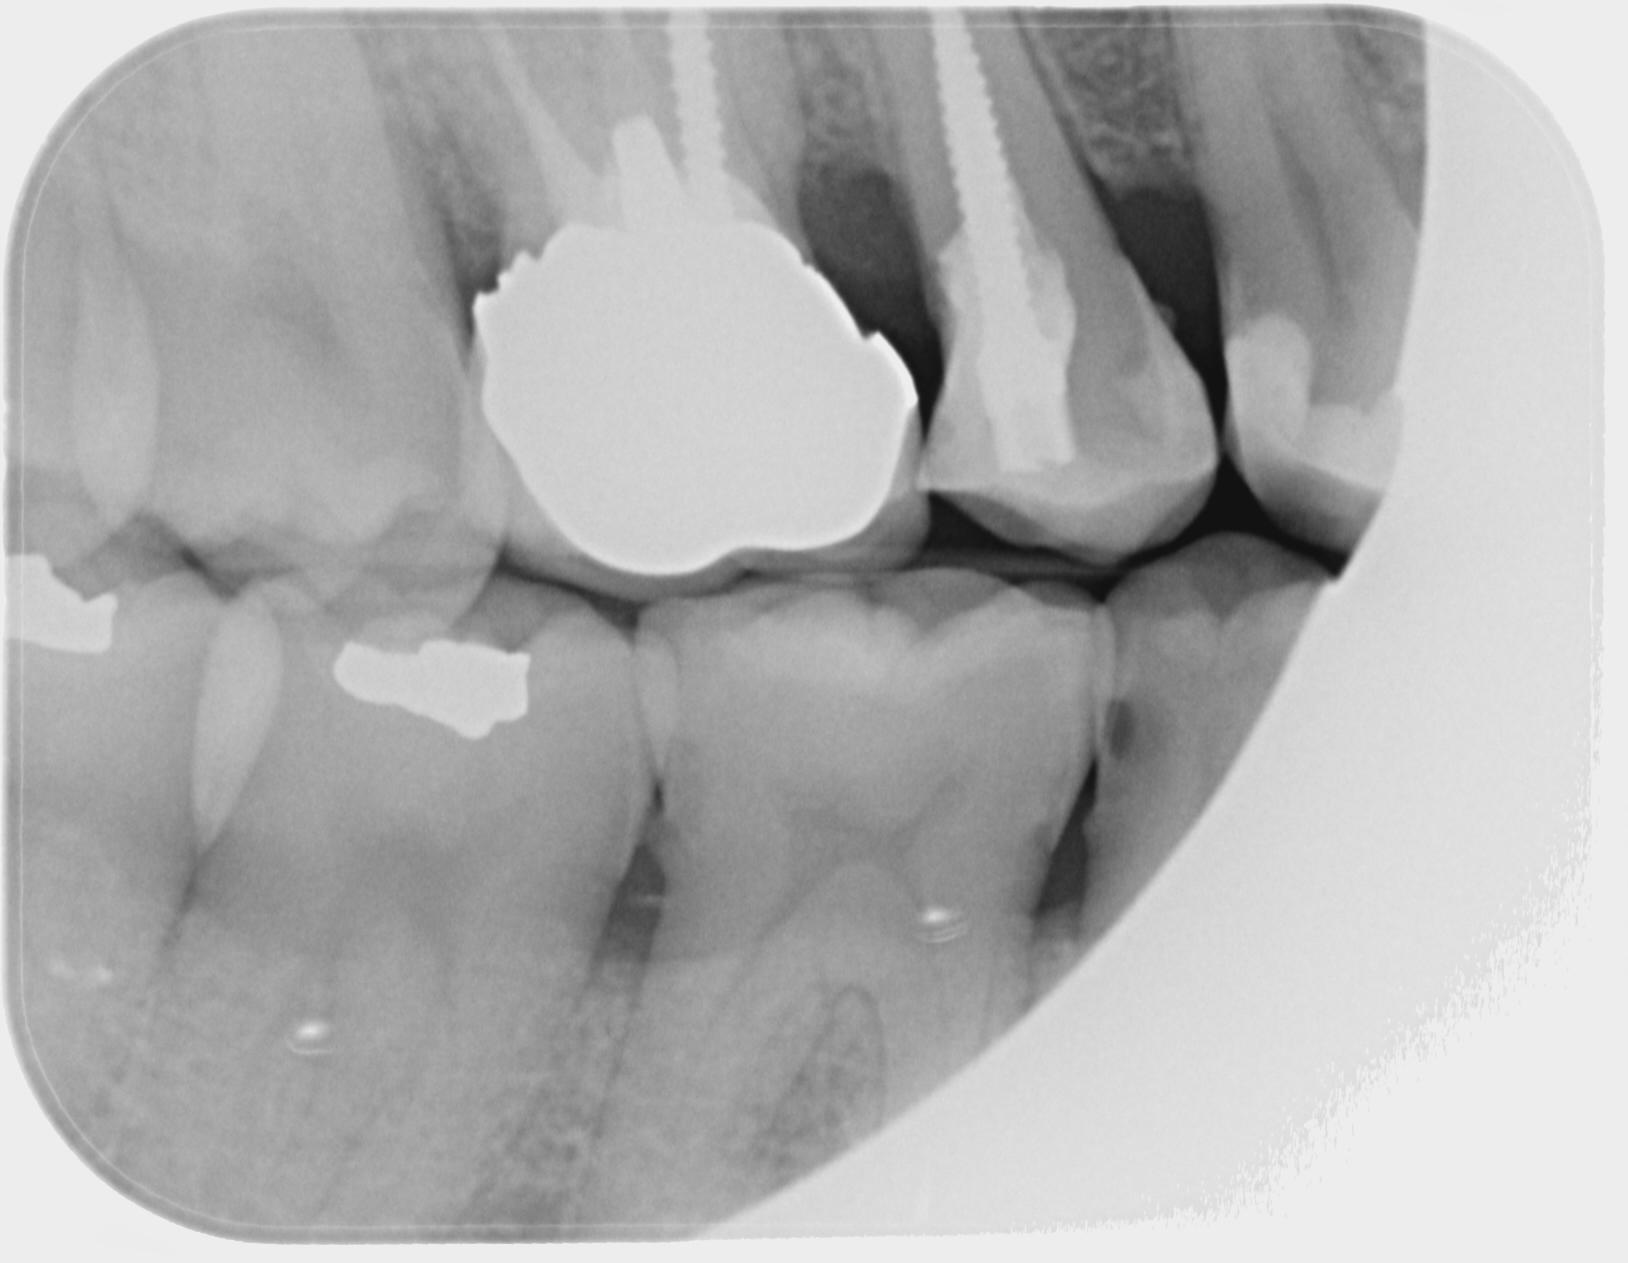 Il curettage potrebbe indebolire l'attaccatura dentale?